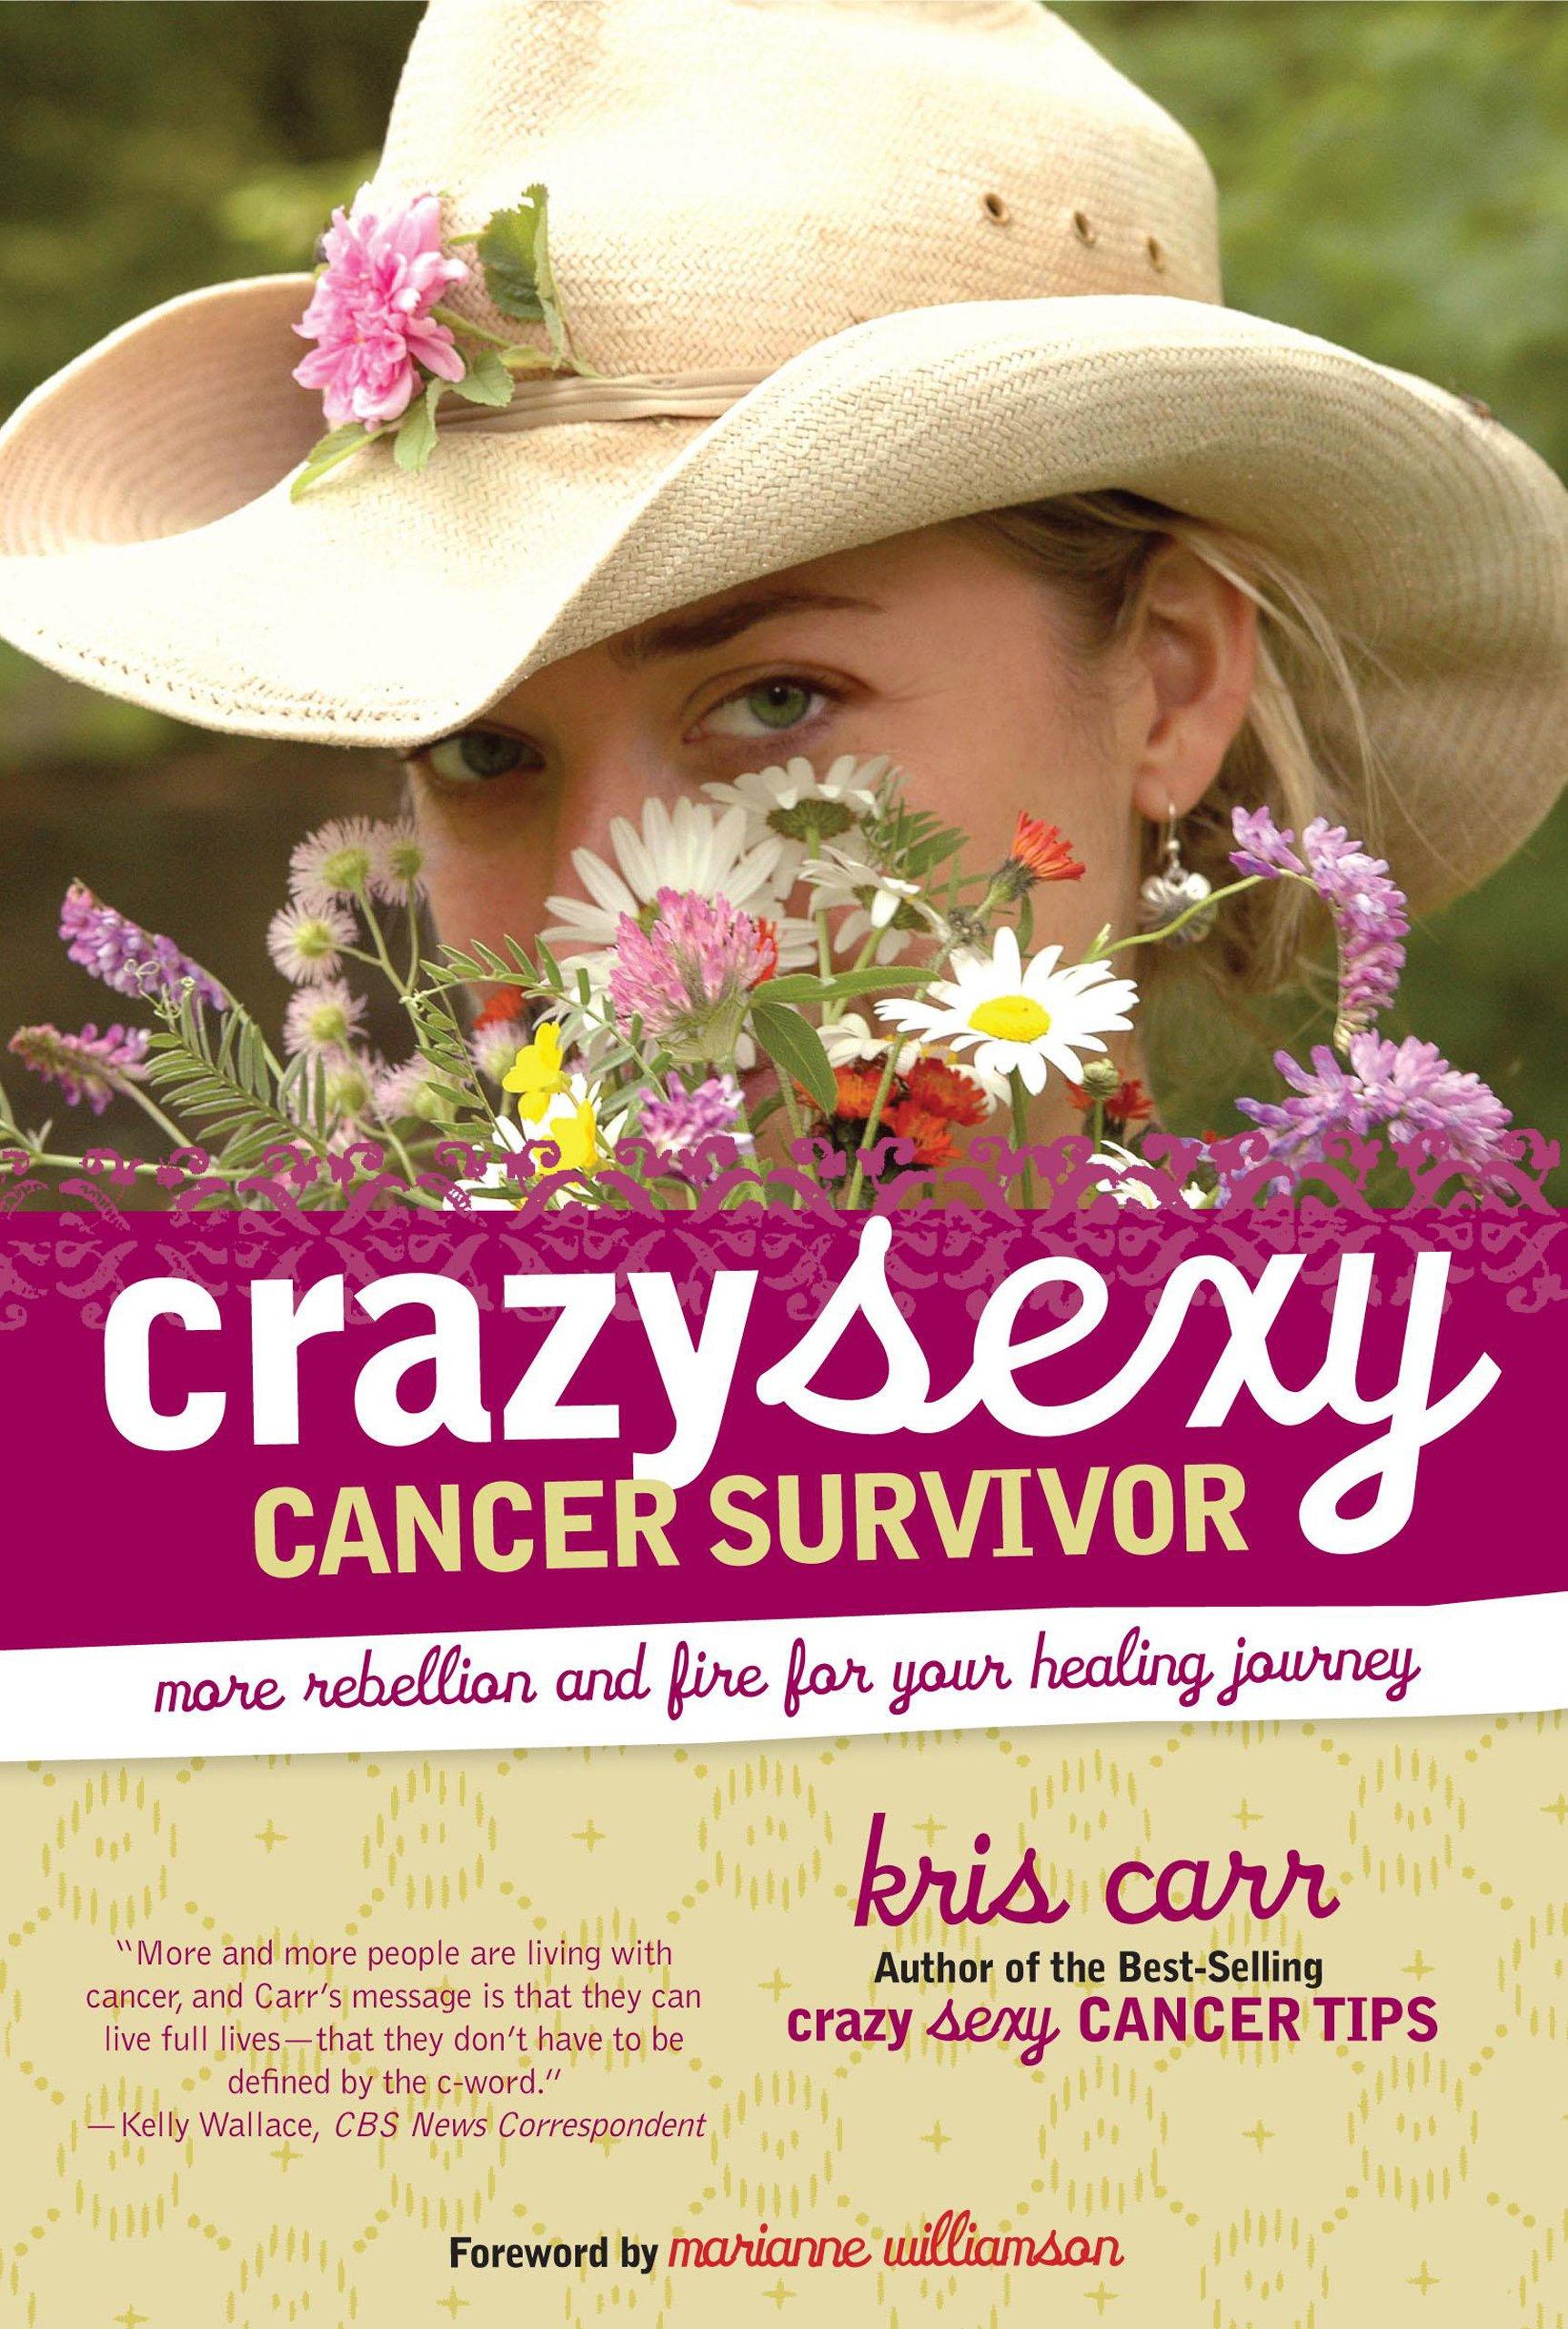 Crazy Sexy Cancer Survivor   Kris Carr